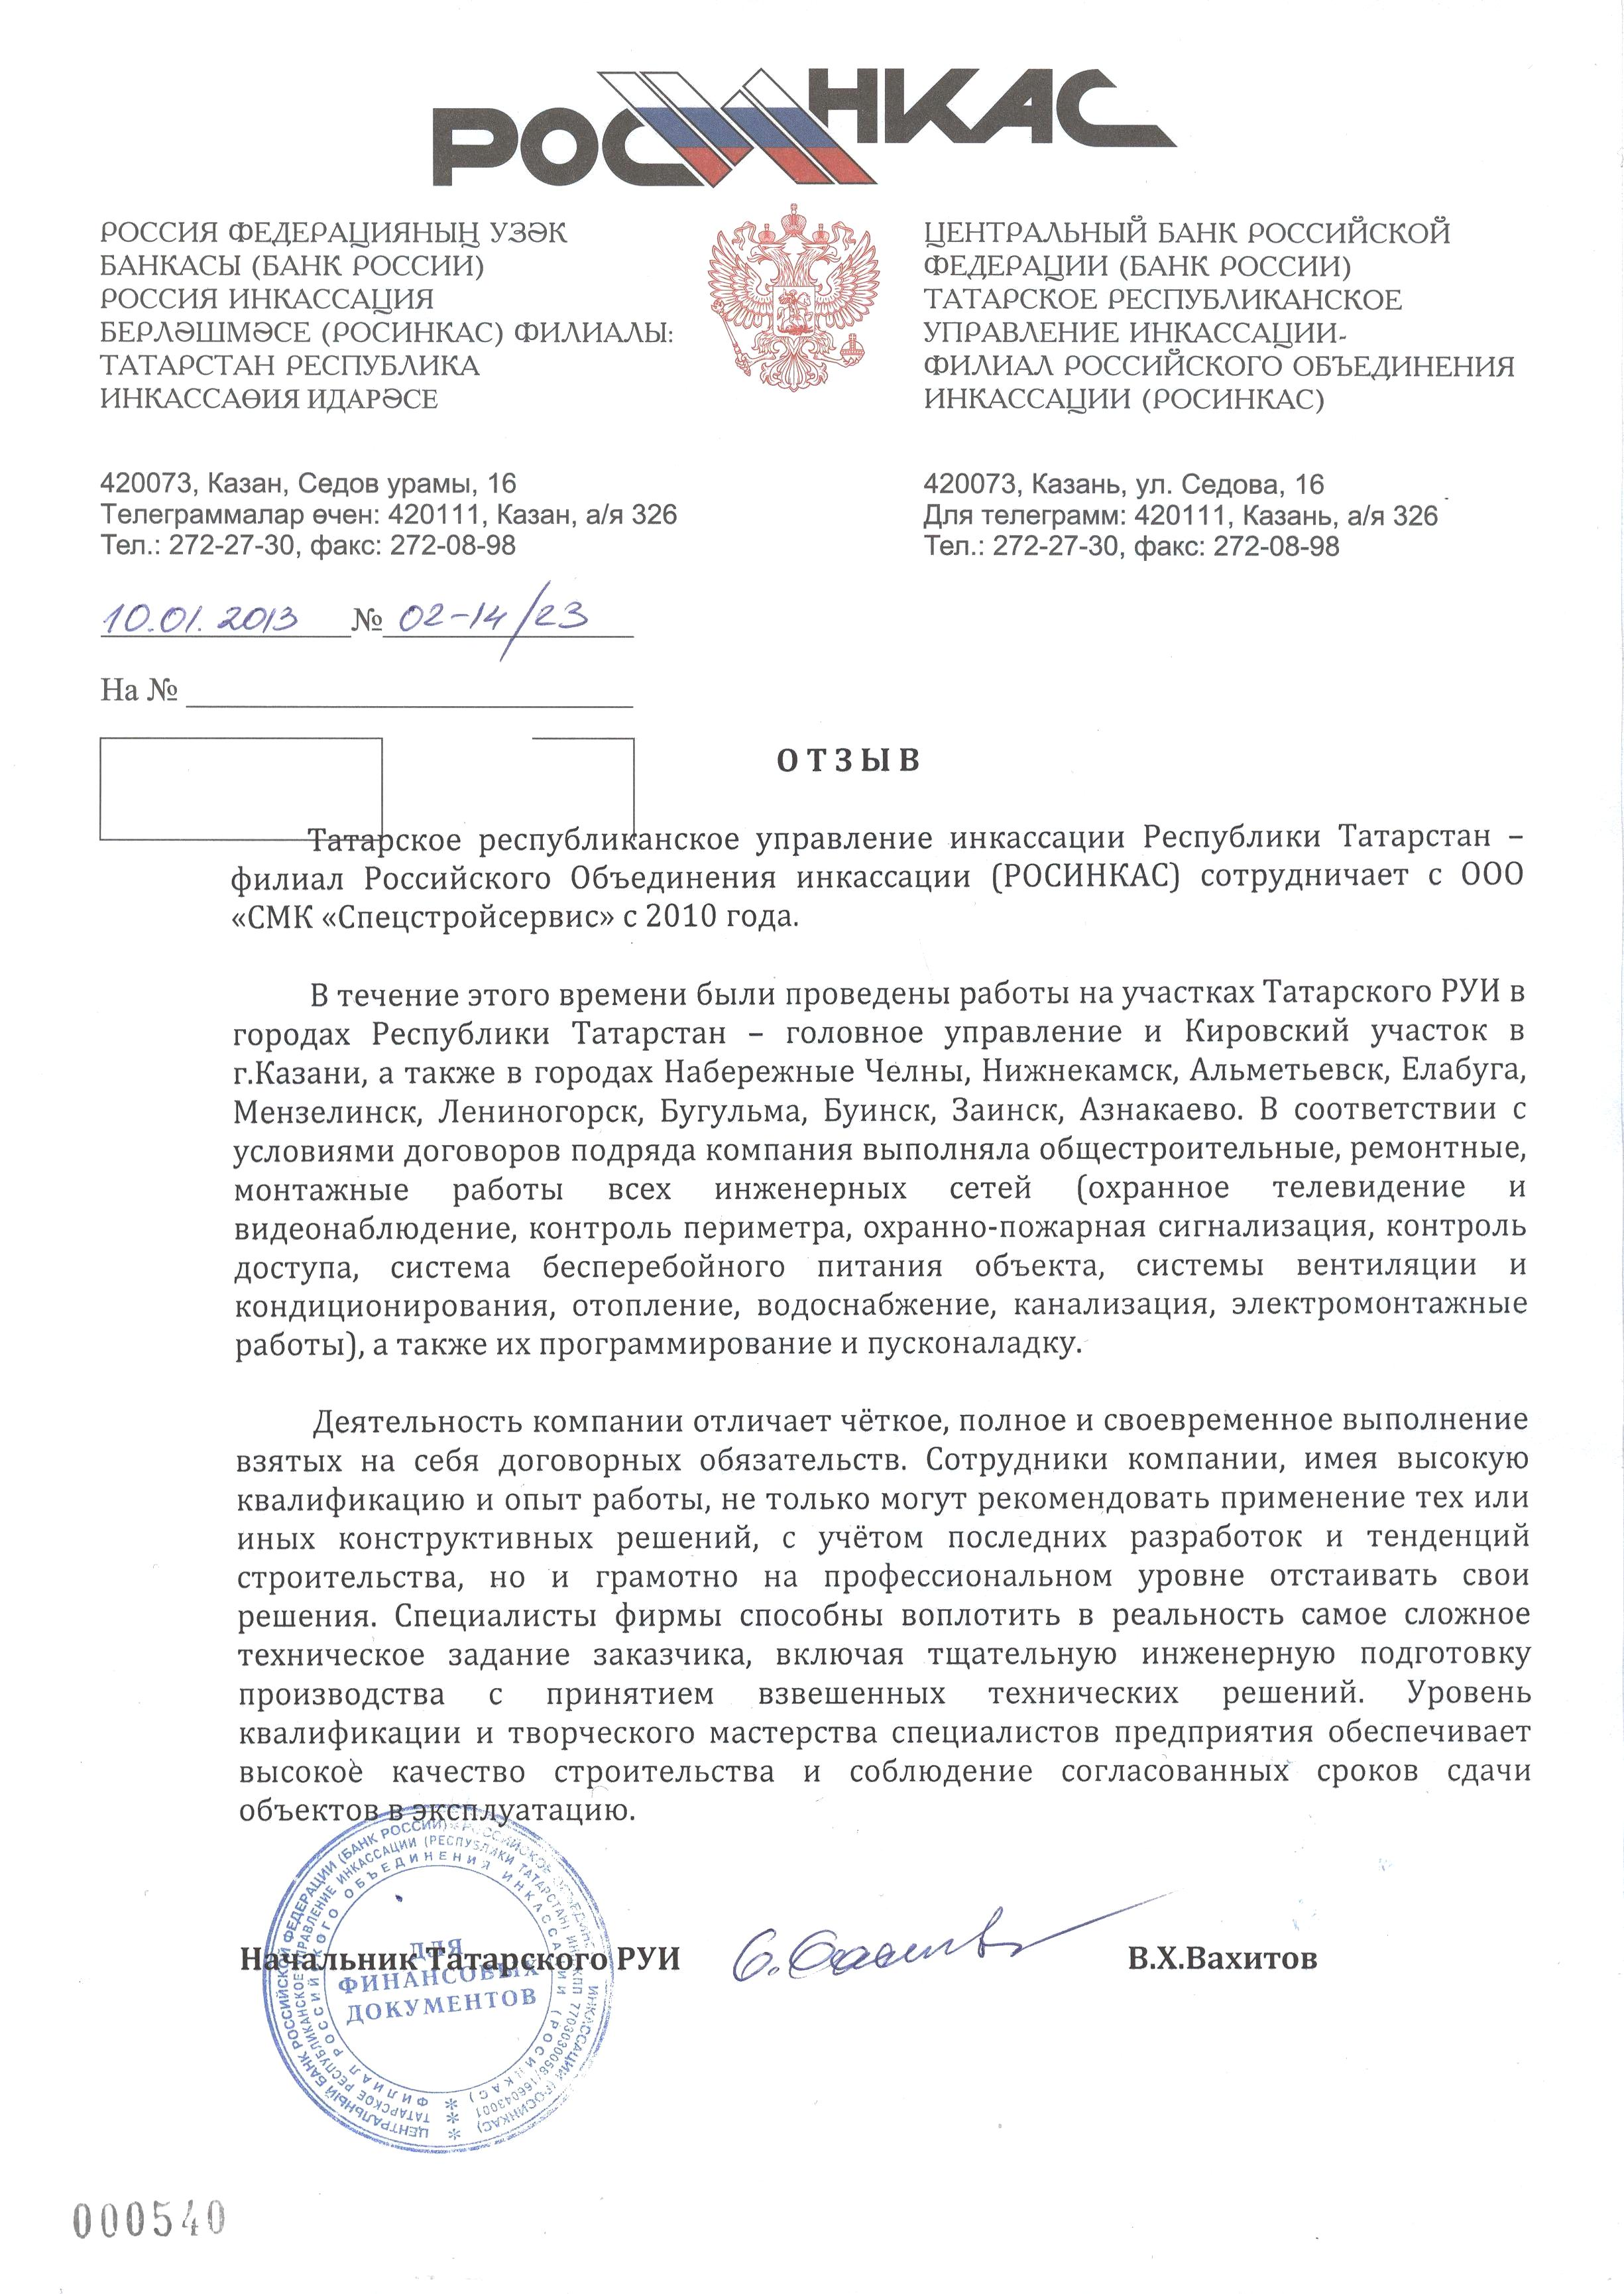 СМК Спецстройсервис 6